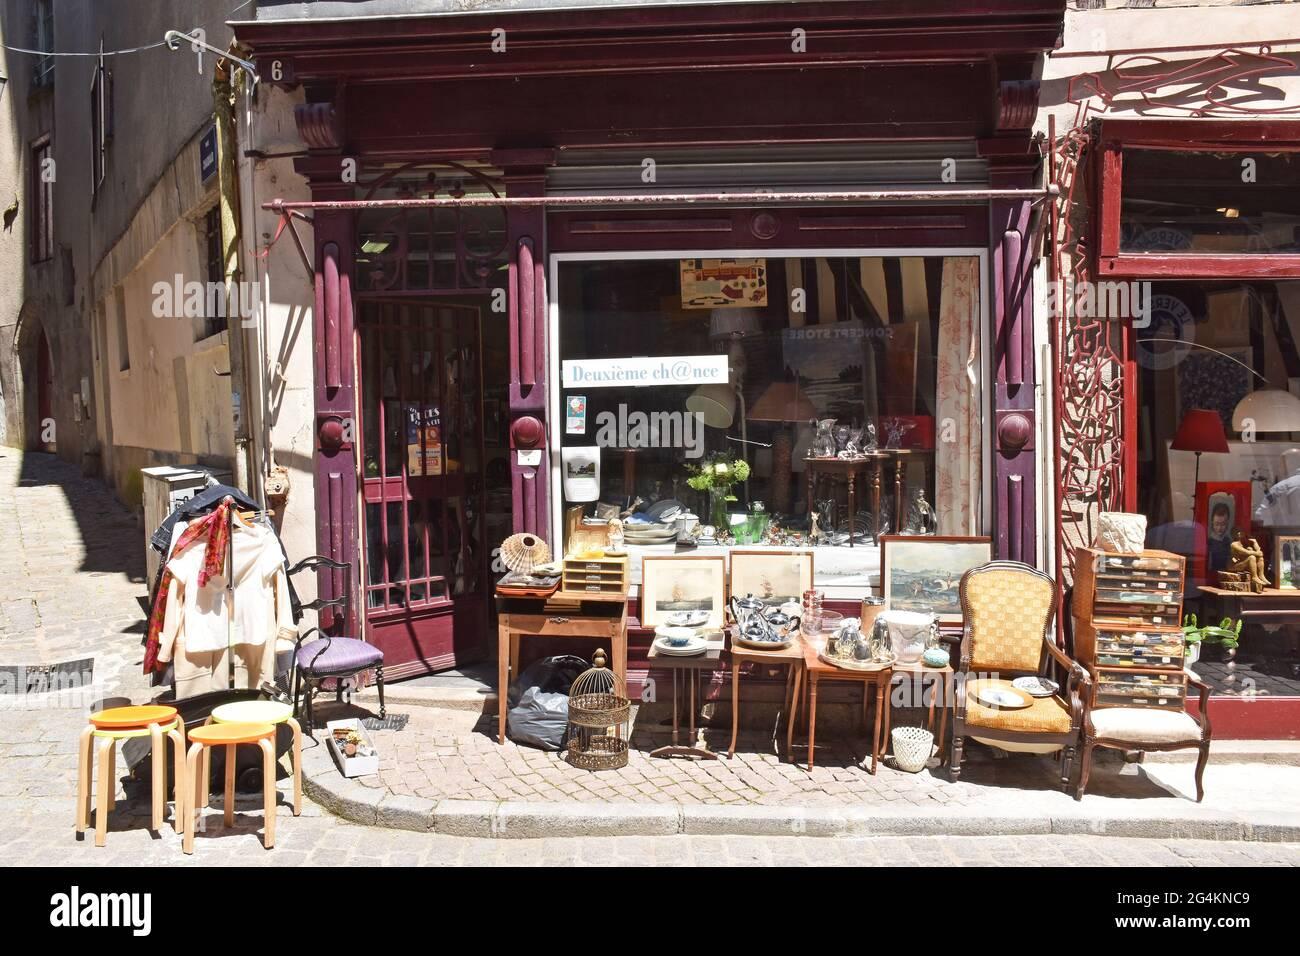 Case medievali restaurate in rue de la Boucherie, a Limoges, Francia, l'ex quartiere degli sciamboli, macellai, ora occupato da ristoranti, boutique ecc Foto Stock